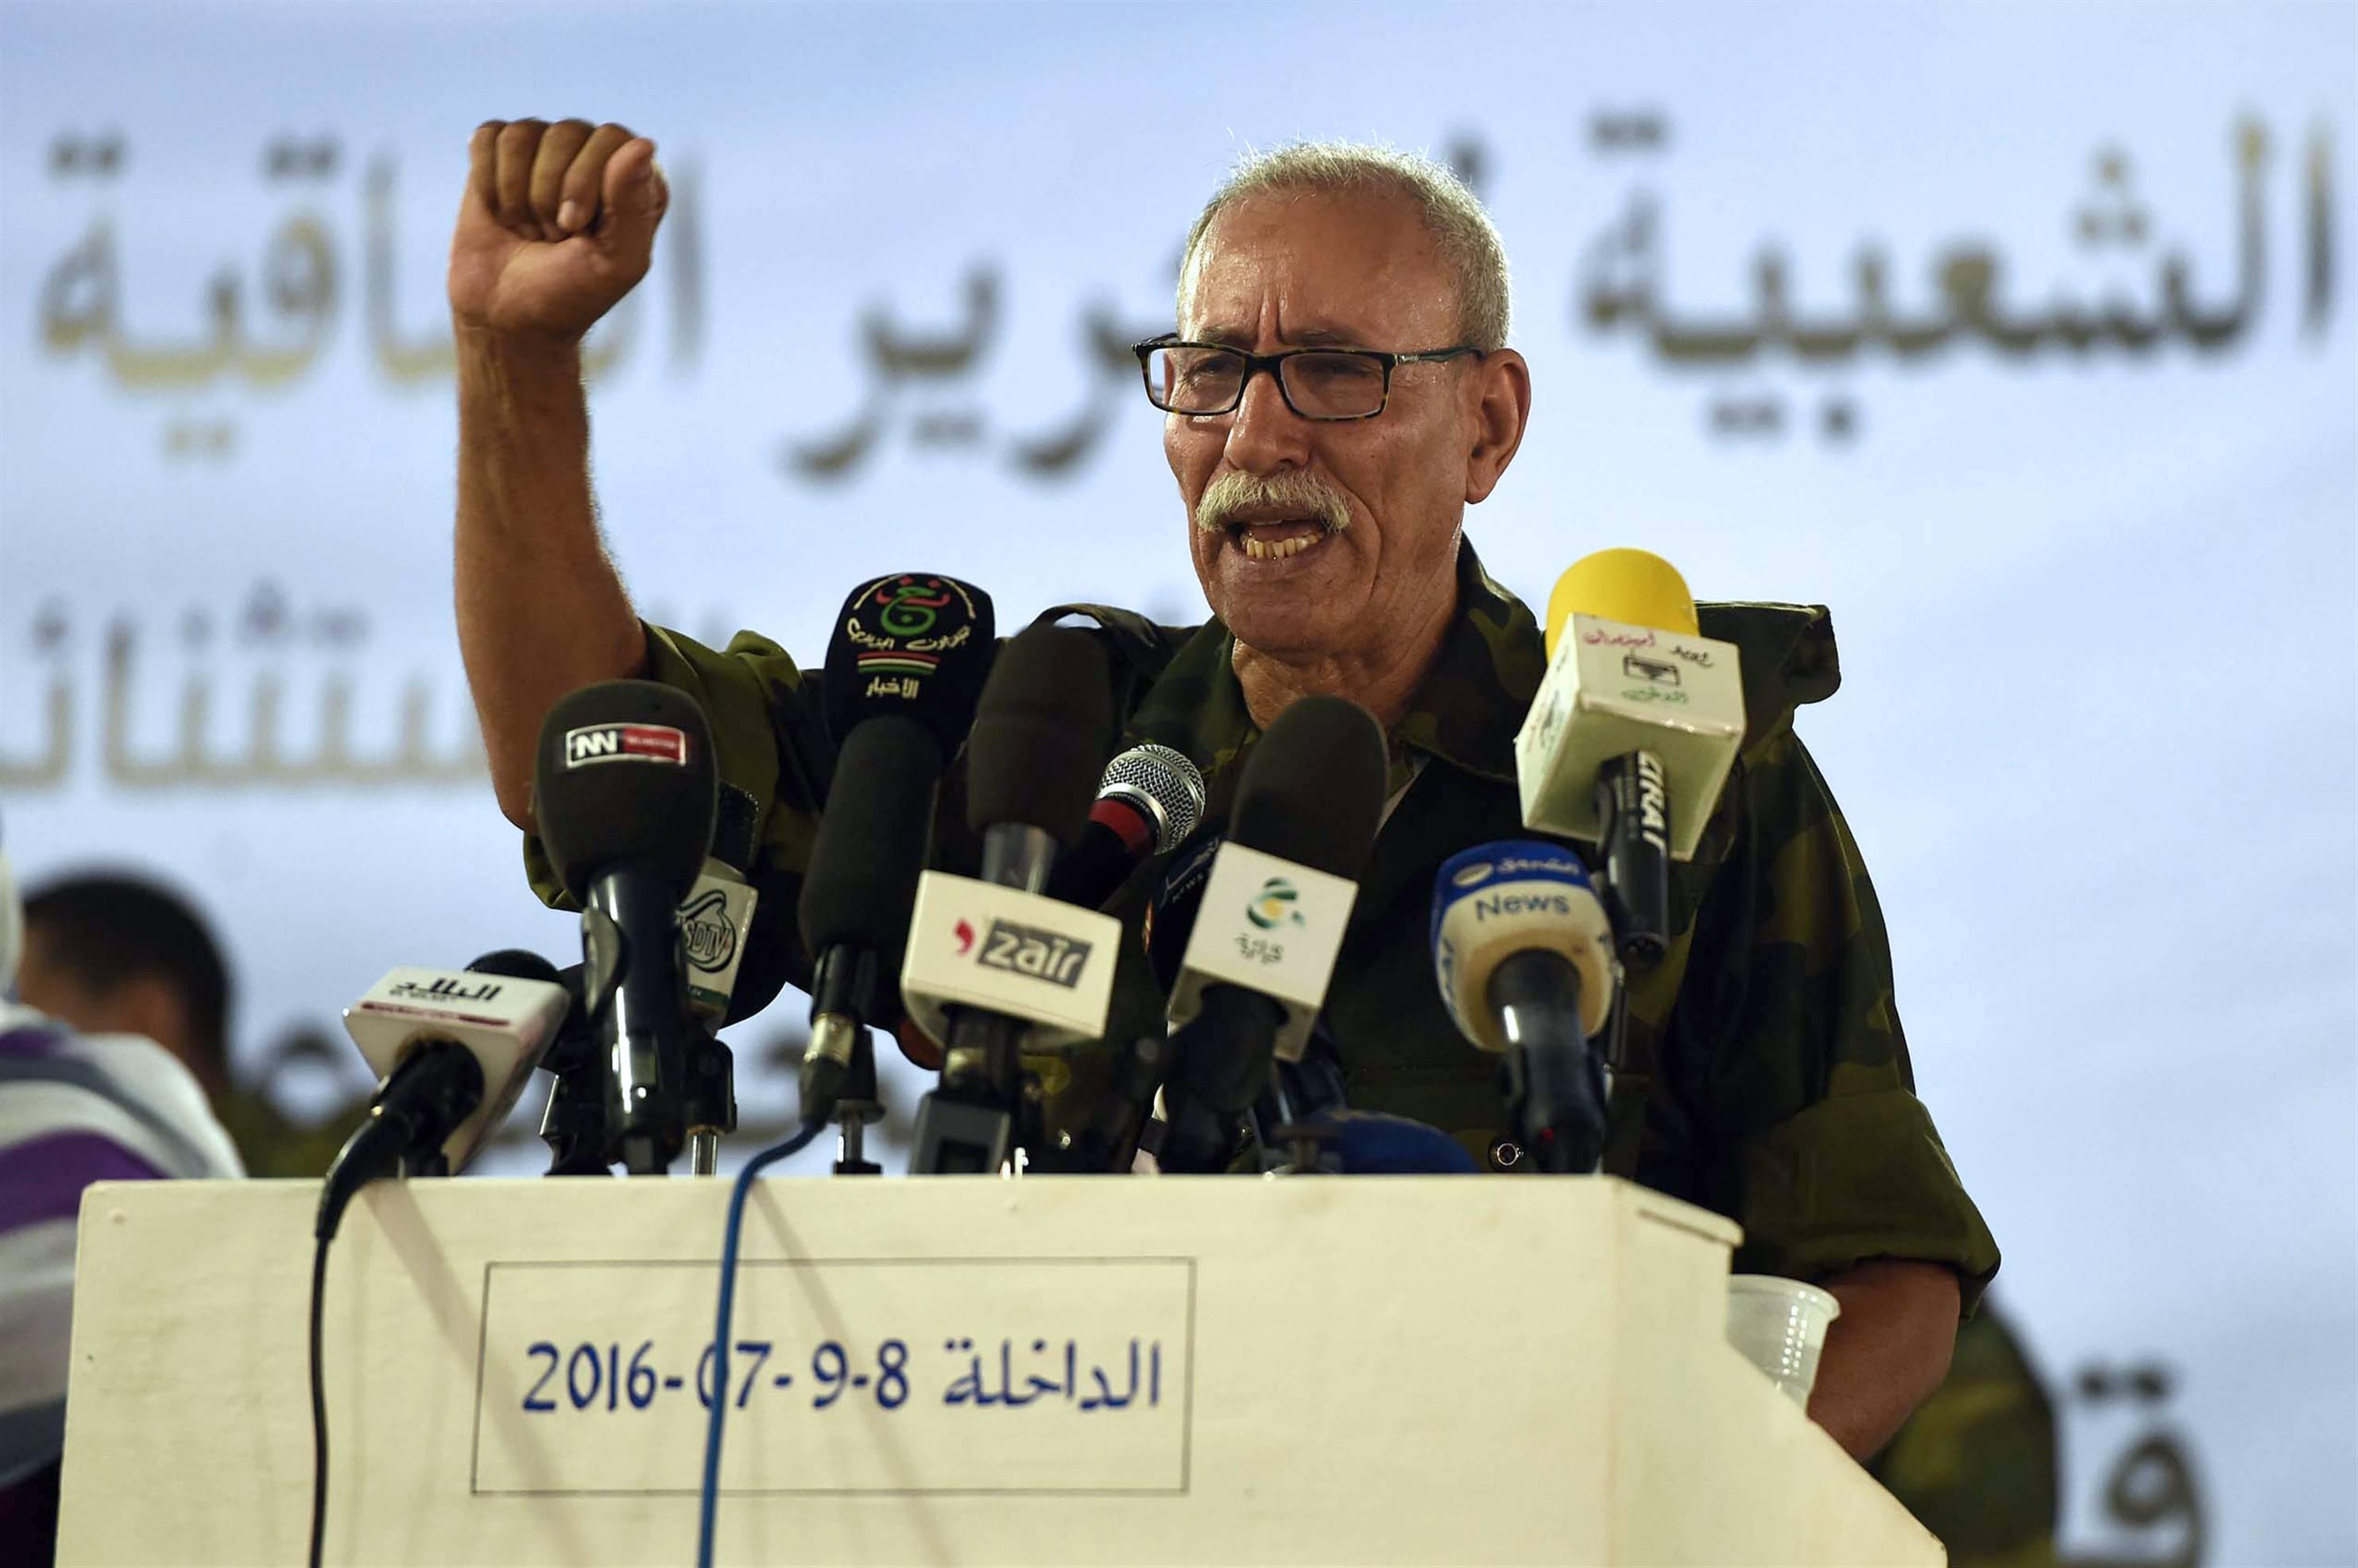 إبراهيم غالي، الأمين العام لجبهة البوليساريو،